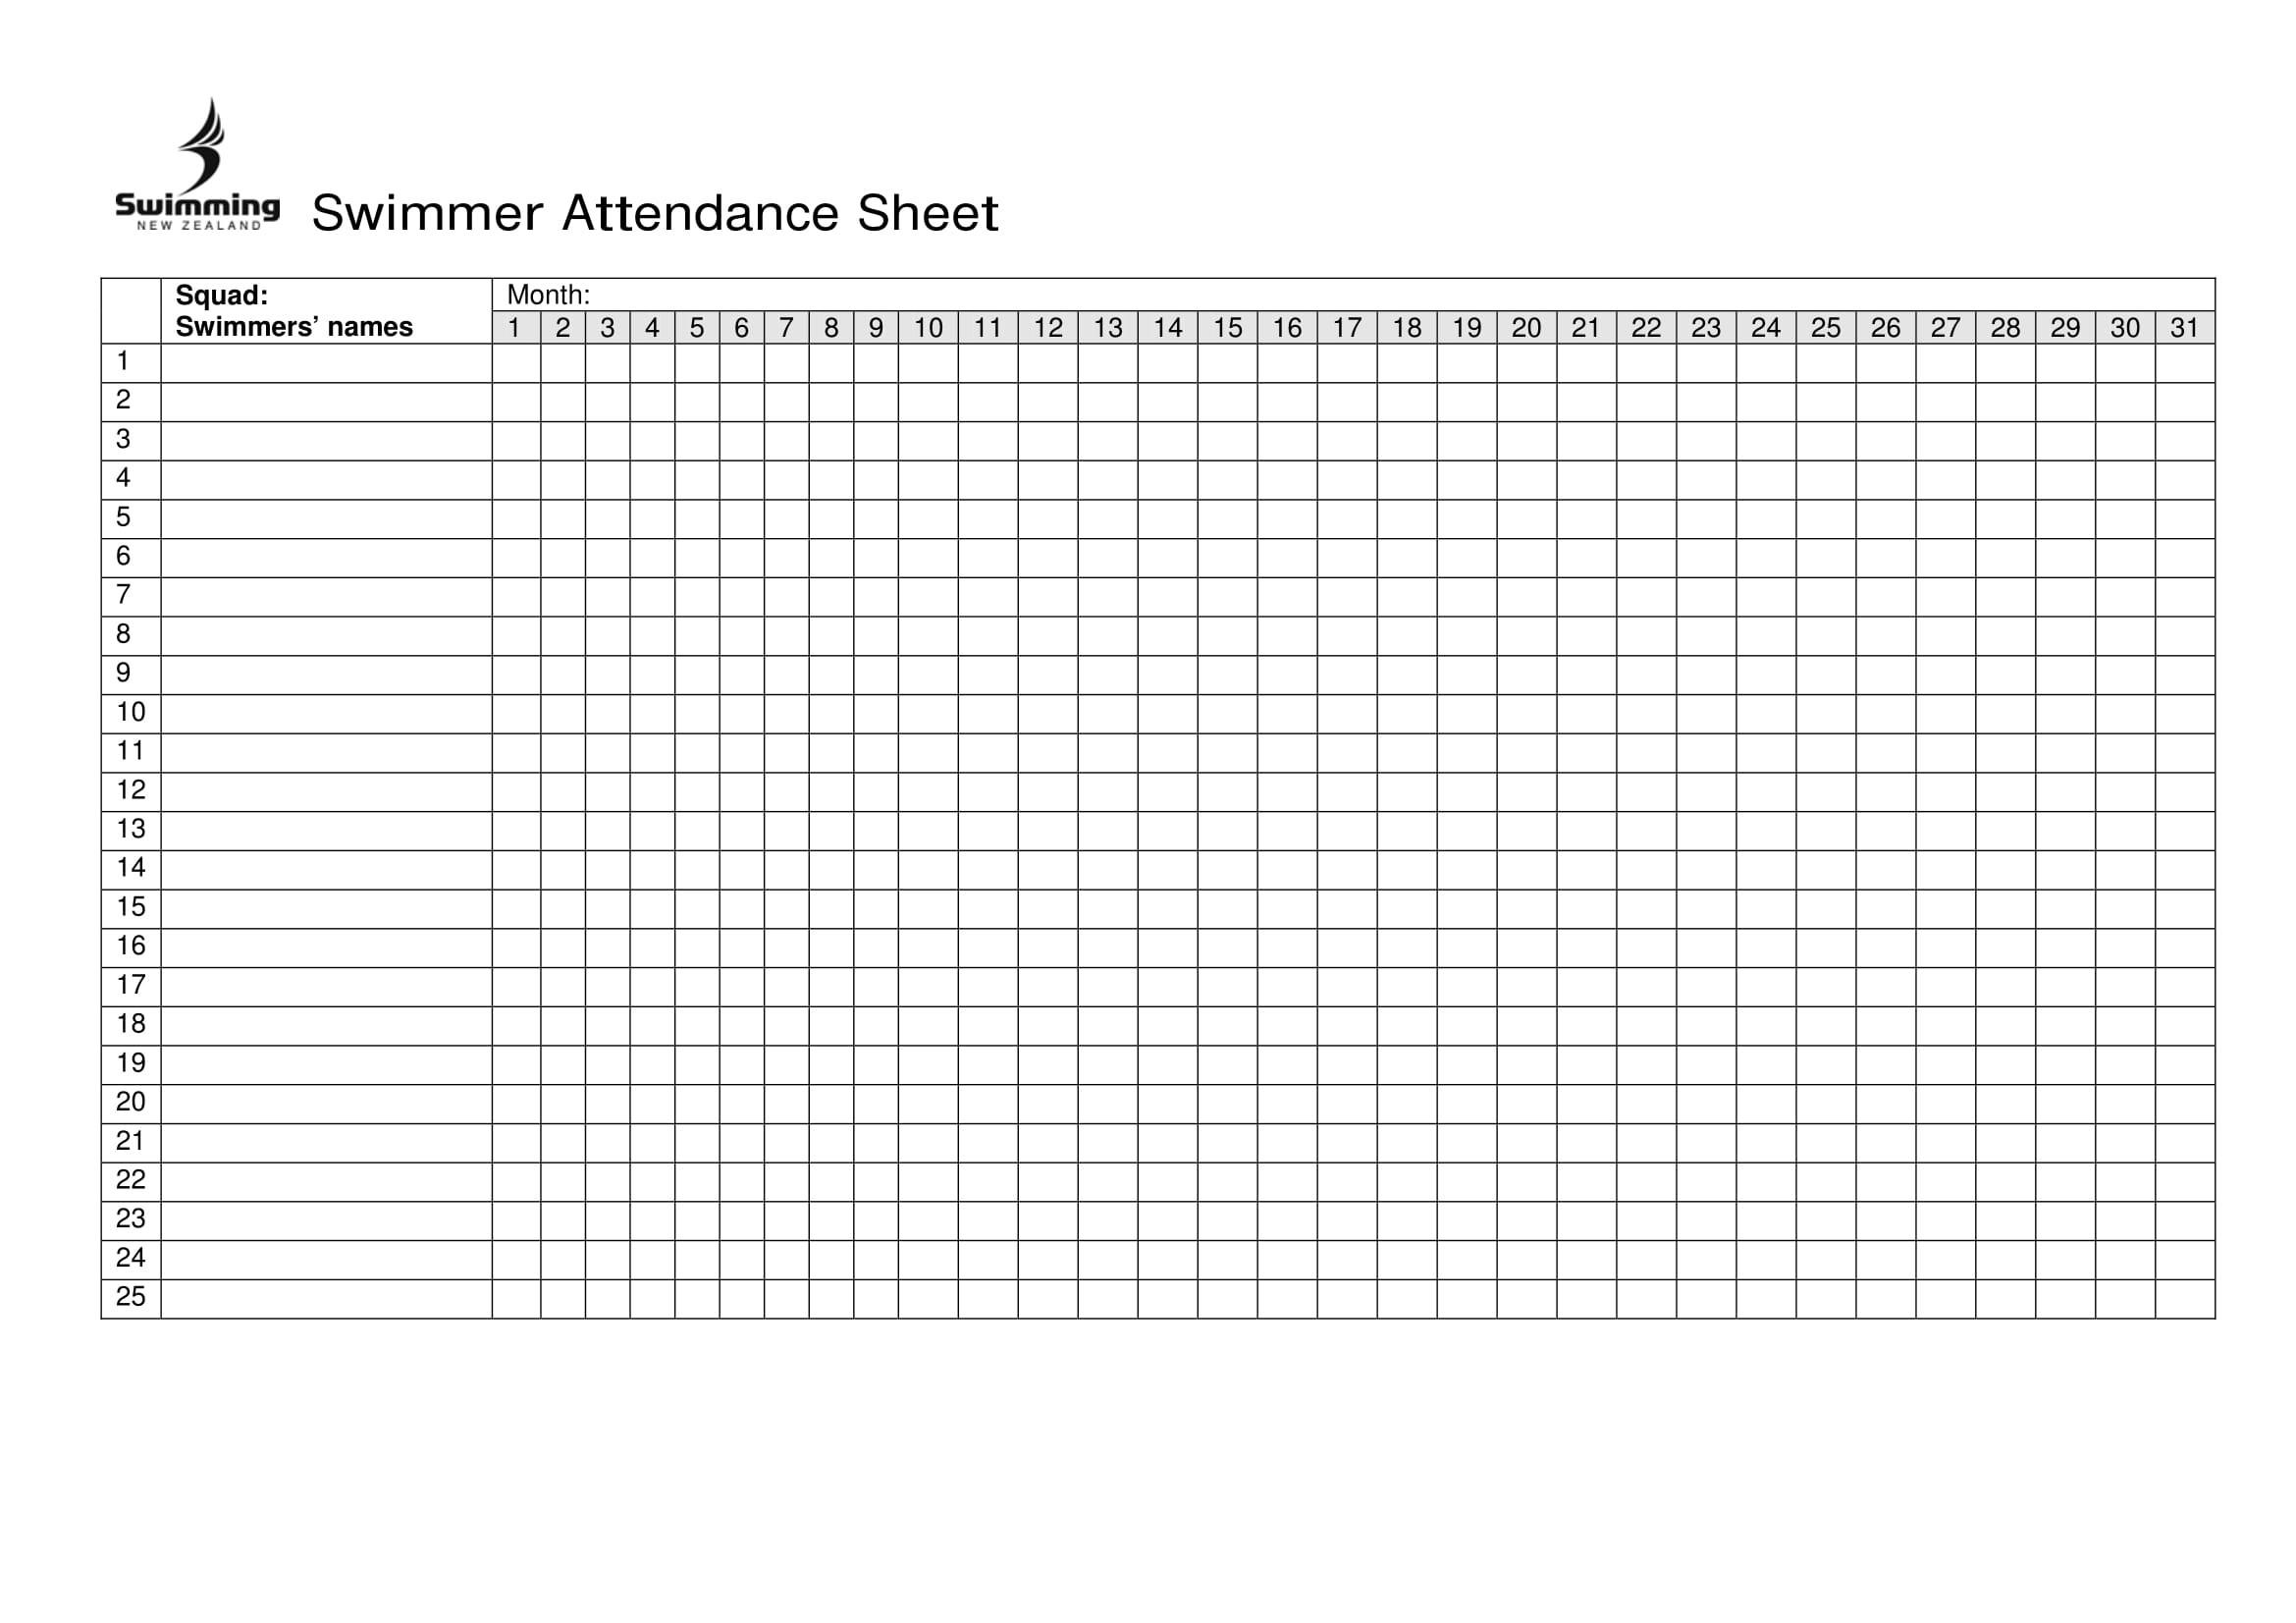 Attendance Sheets   Business Mentor  Attendance Log